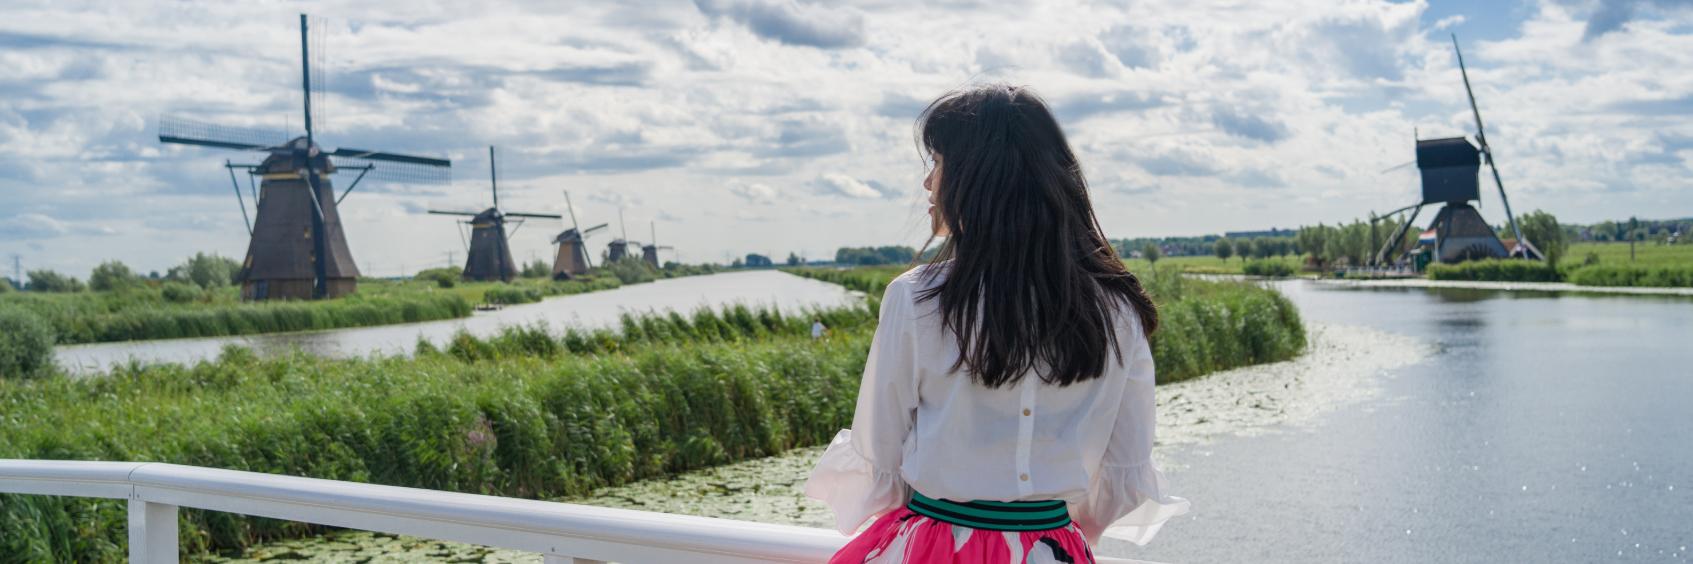 去荷蘭吧!看風車趕大海,逛城堡,在阿姆斯特丹感受節日氛圍